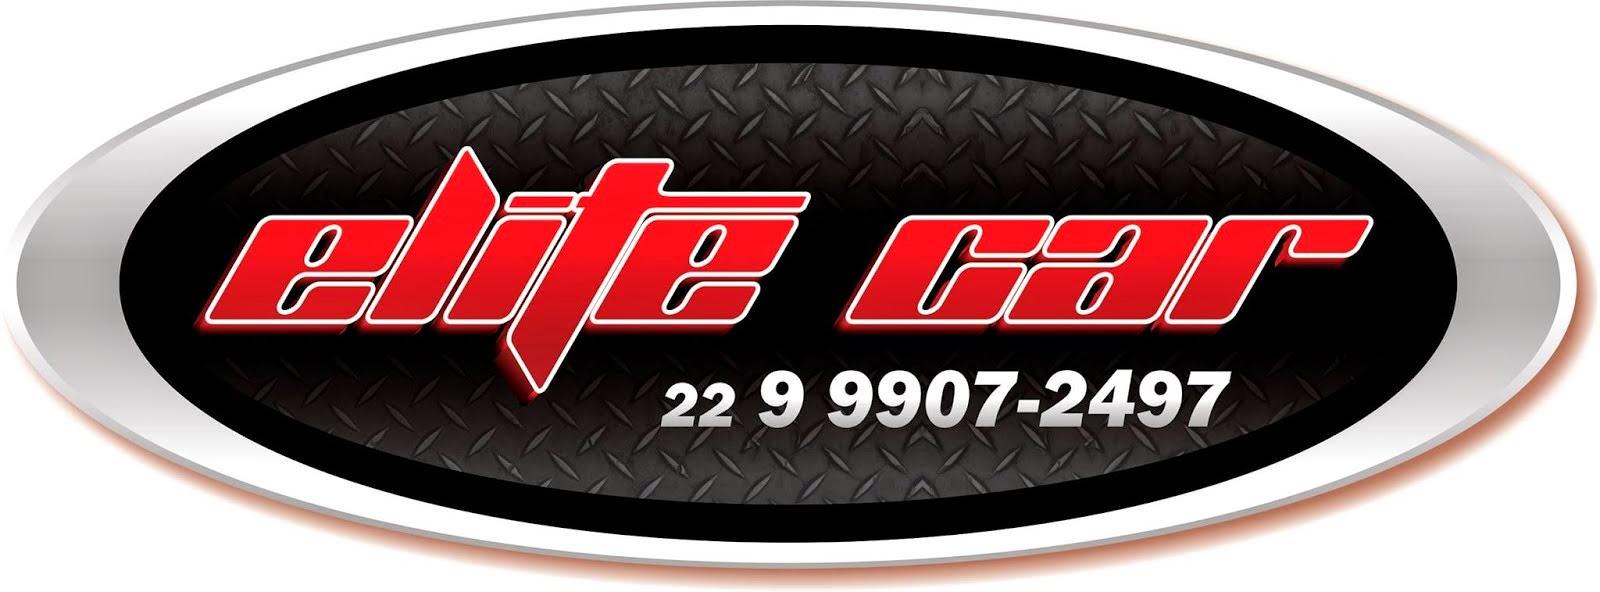 Elite Car 9 9907-2497